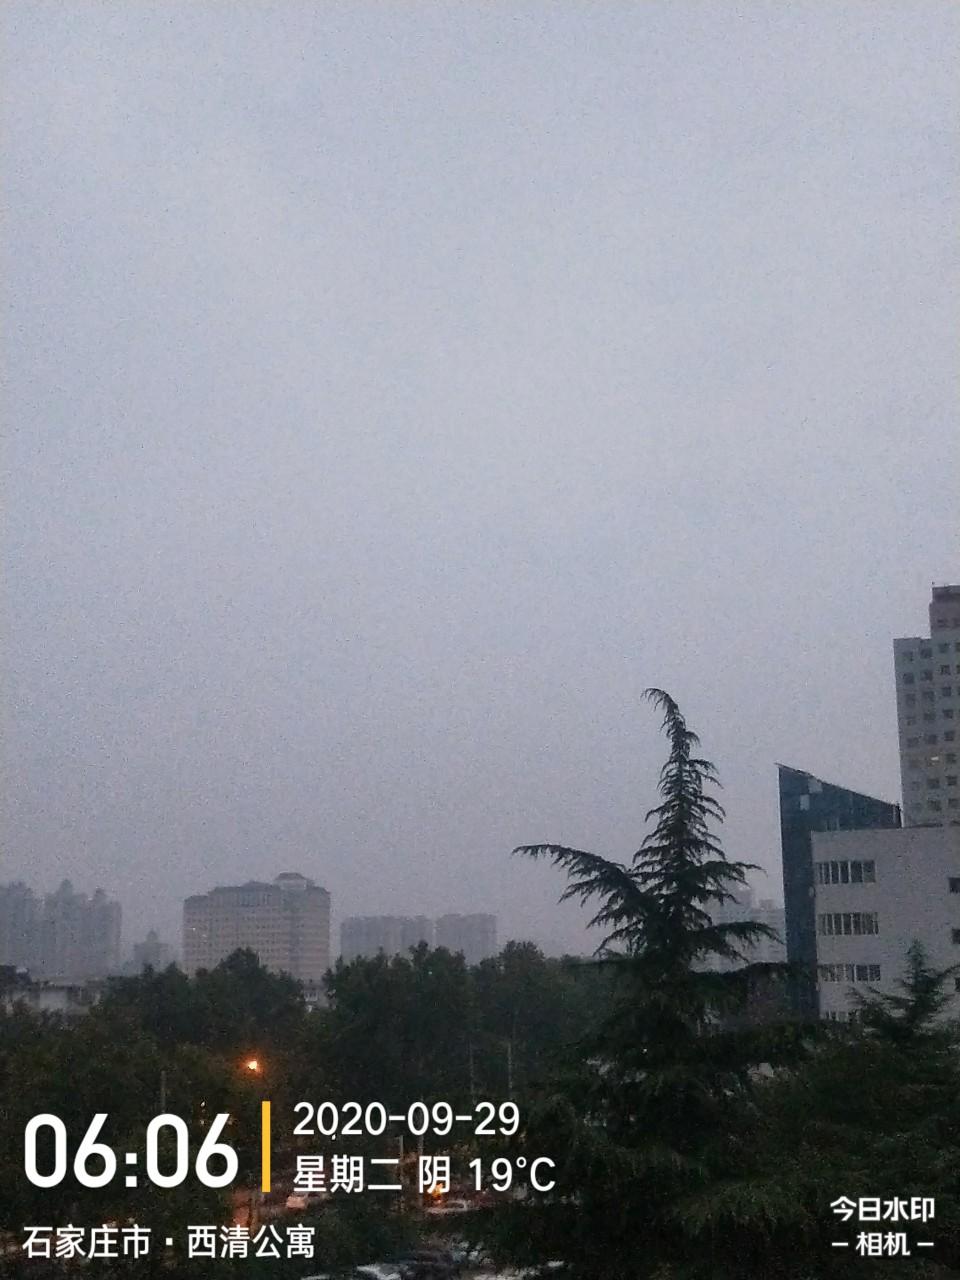 一场秋雨一场寒。请保重!